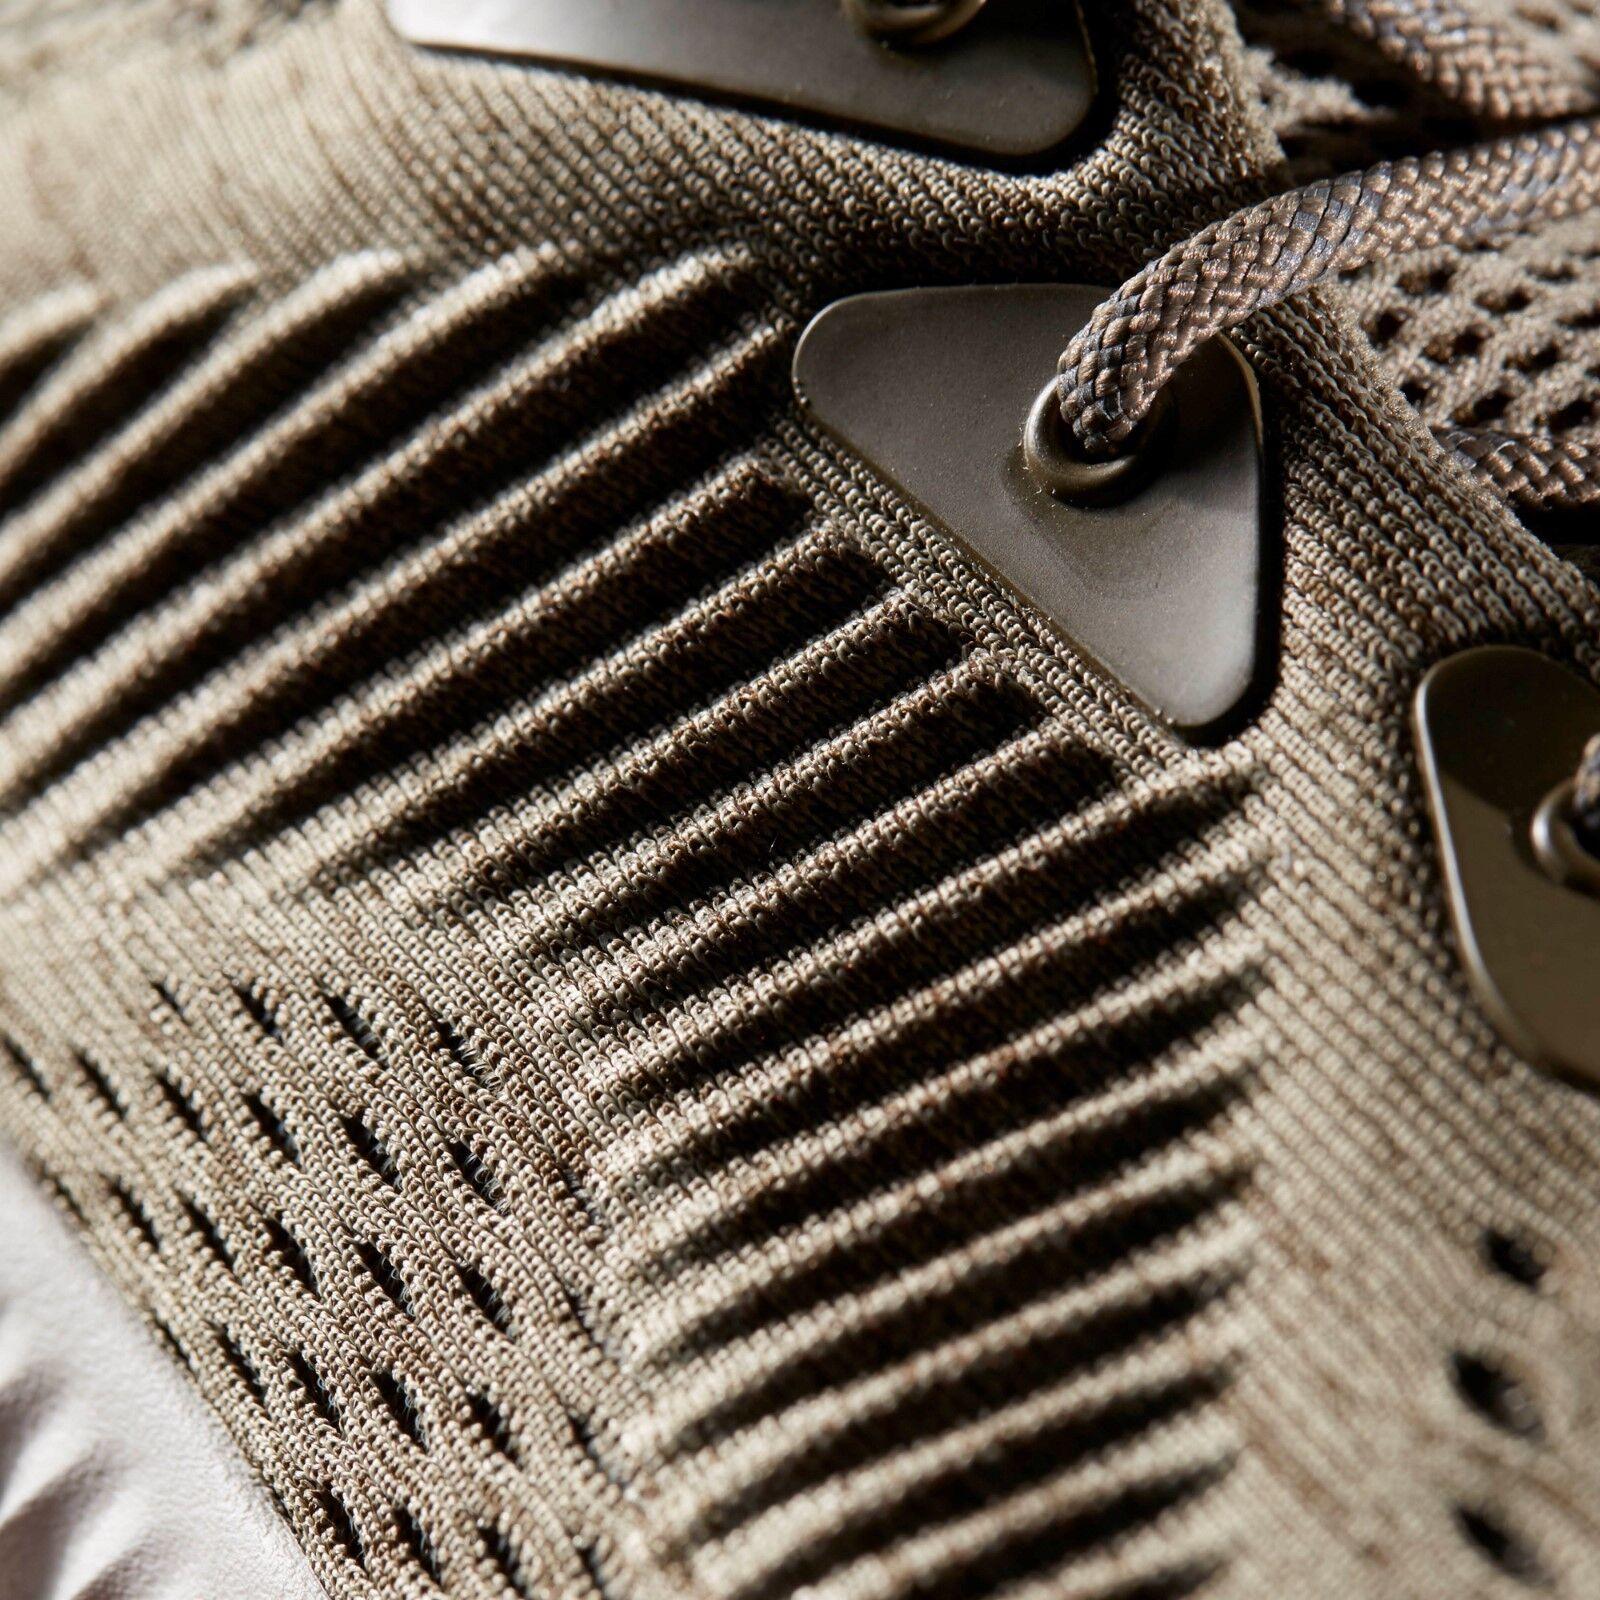 adidas BW1203 Turnschuhe Männer Running alphabounce EM Laufschuh Trace Olive neu